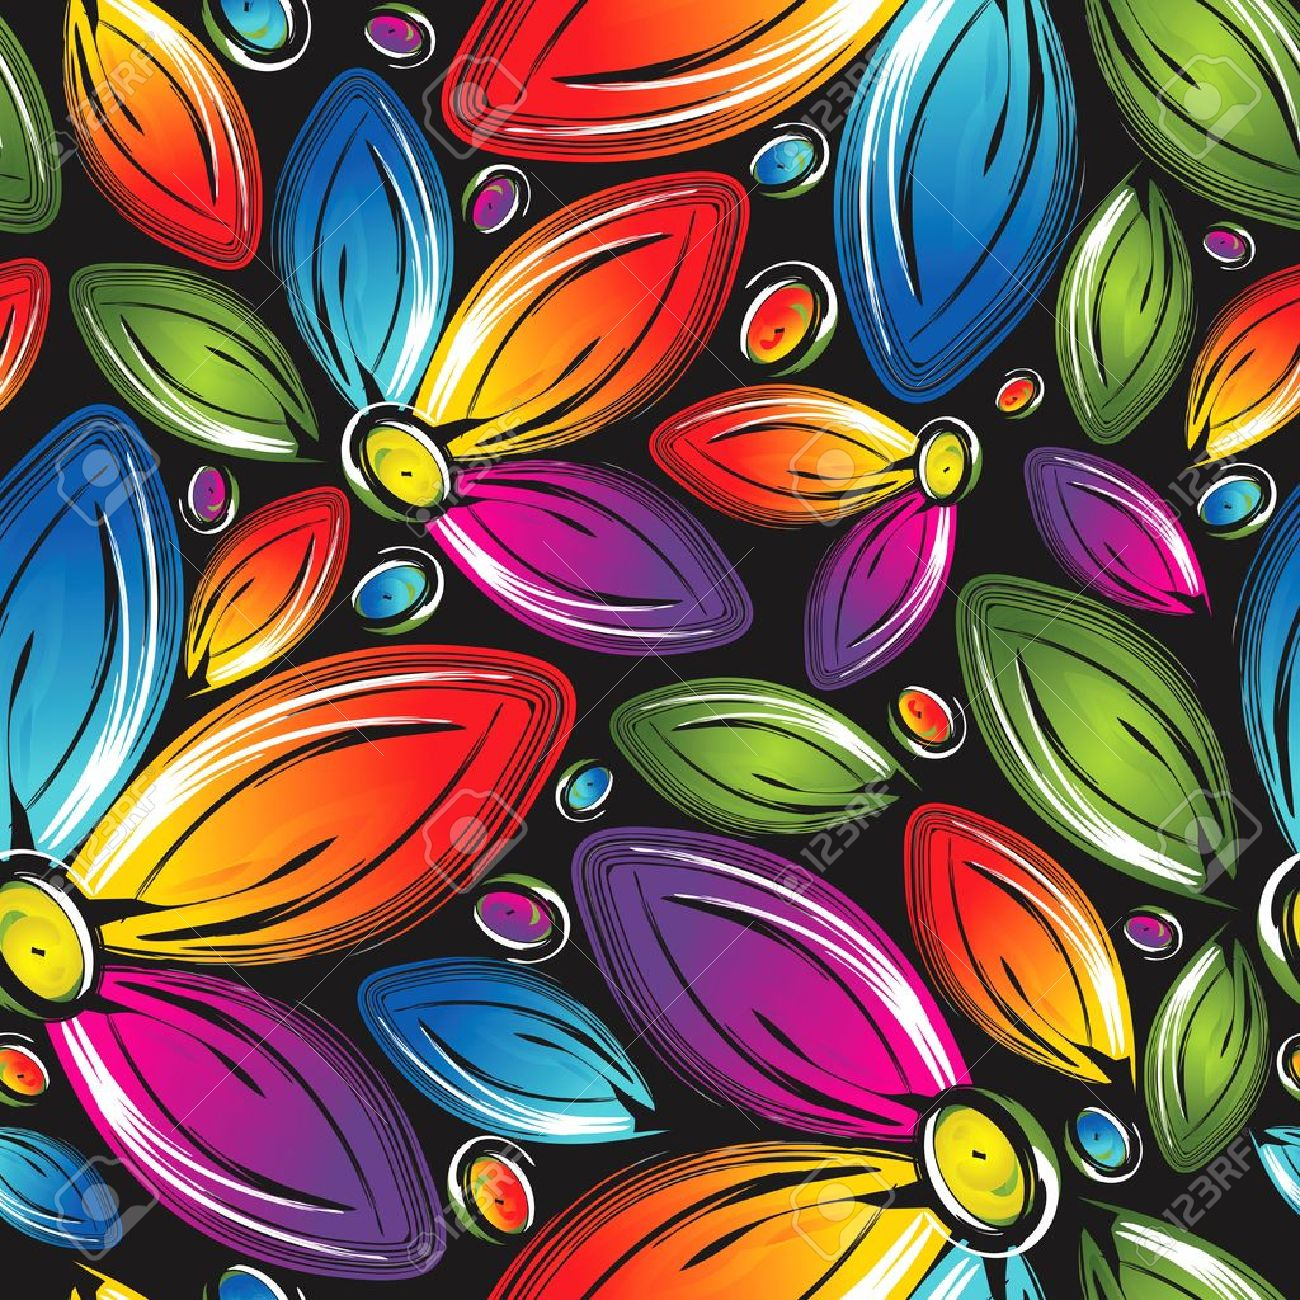 美しい花のシームレスな壁紙のイラスト素材 ベクタ Image 15928066